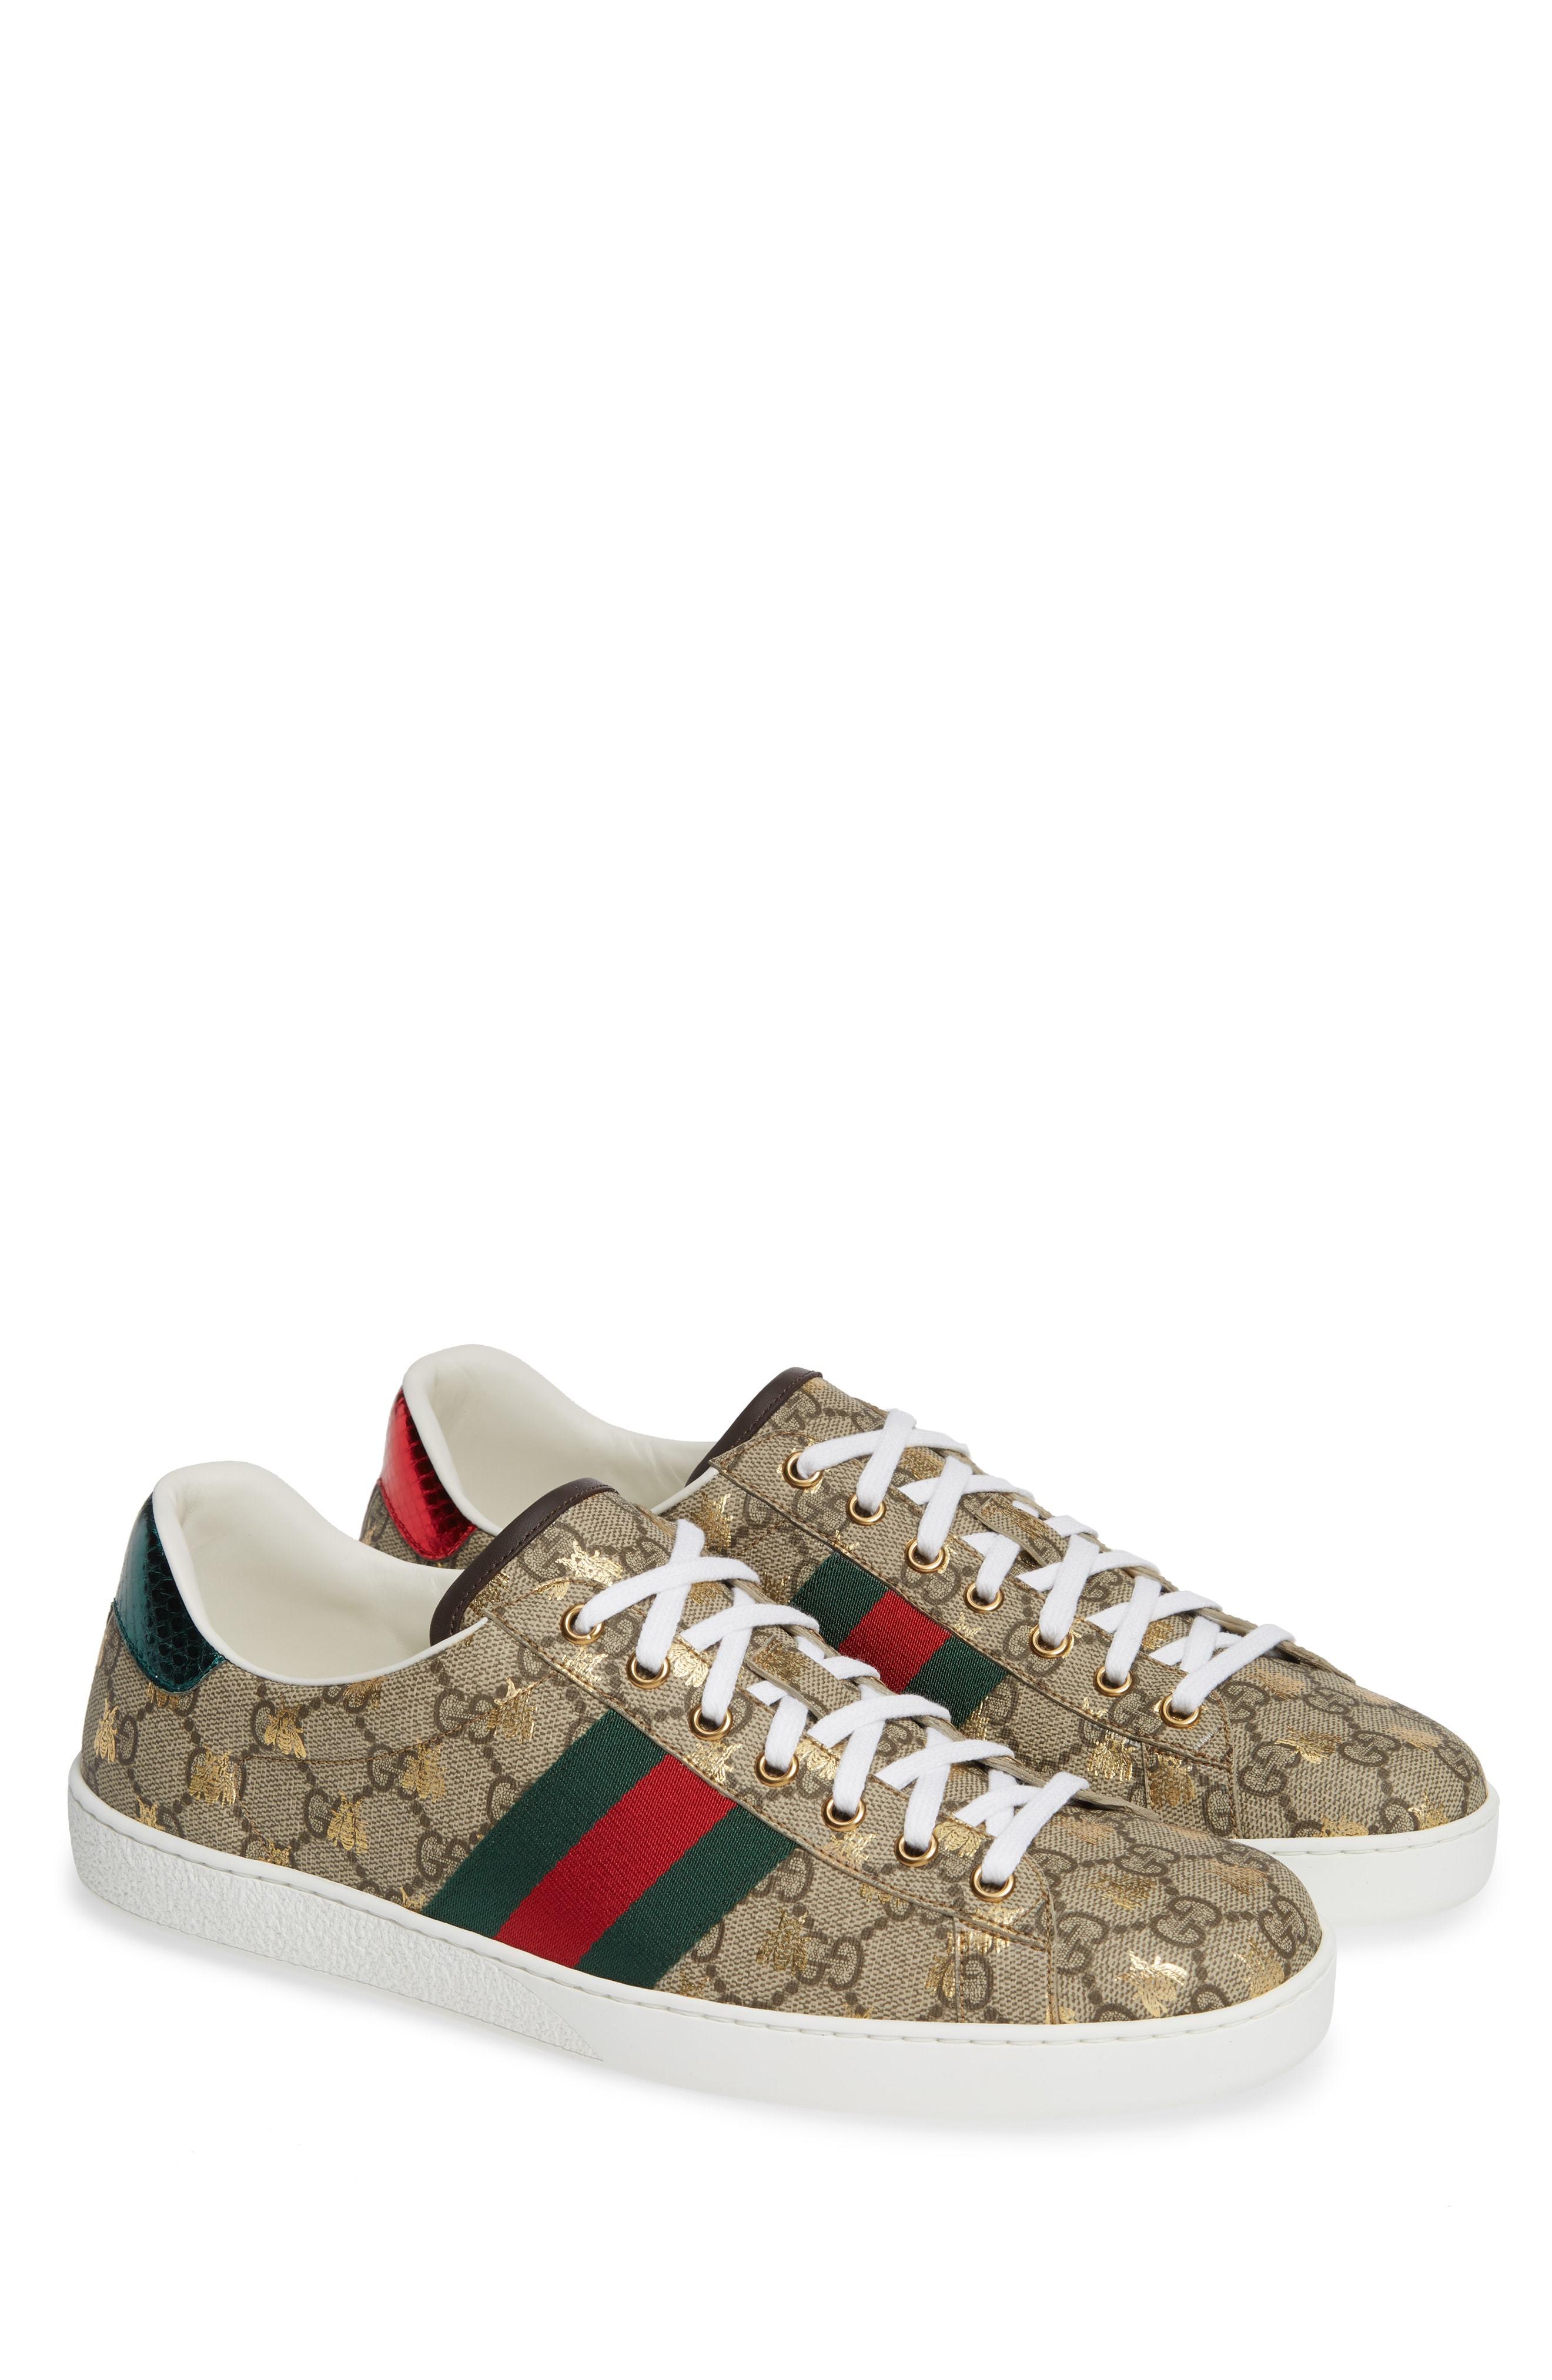 40cfa8014e0 ... Gucci New Ace Gg Supreme Sneaker